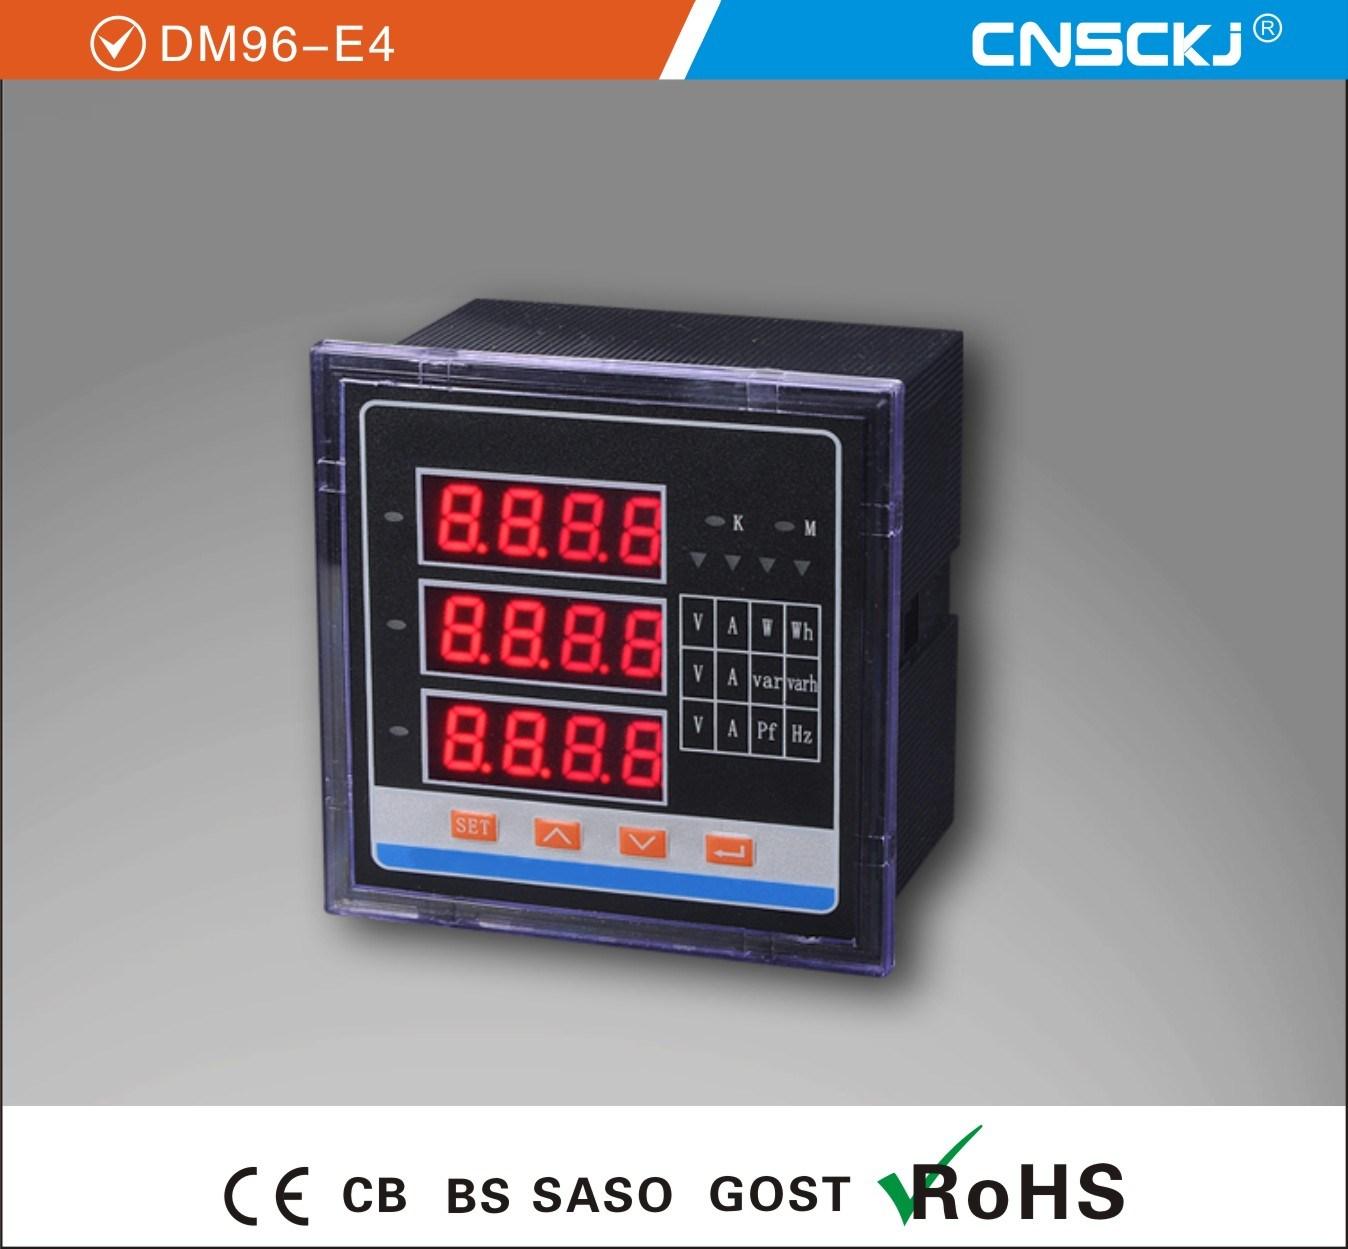 Dm96-E4 Programmable Digital Multimeter 96*96mm – Dm96-E4 ...